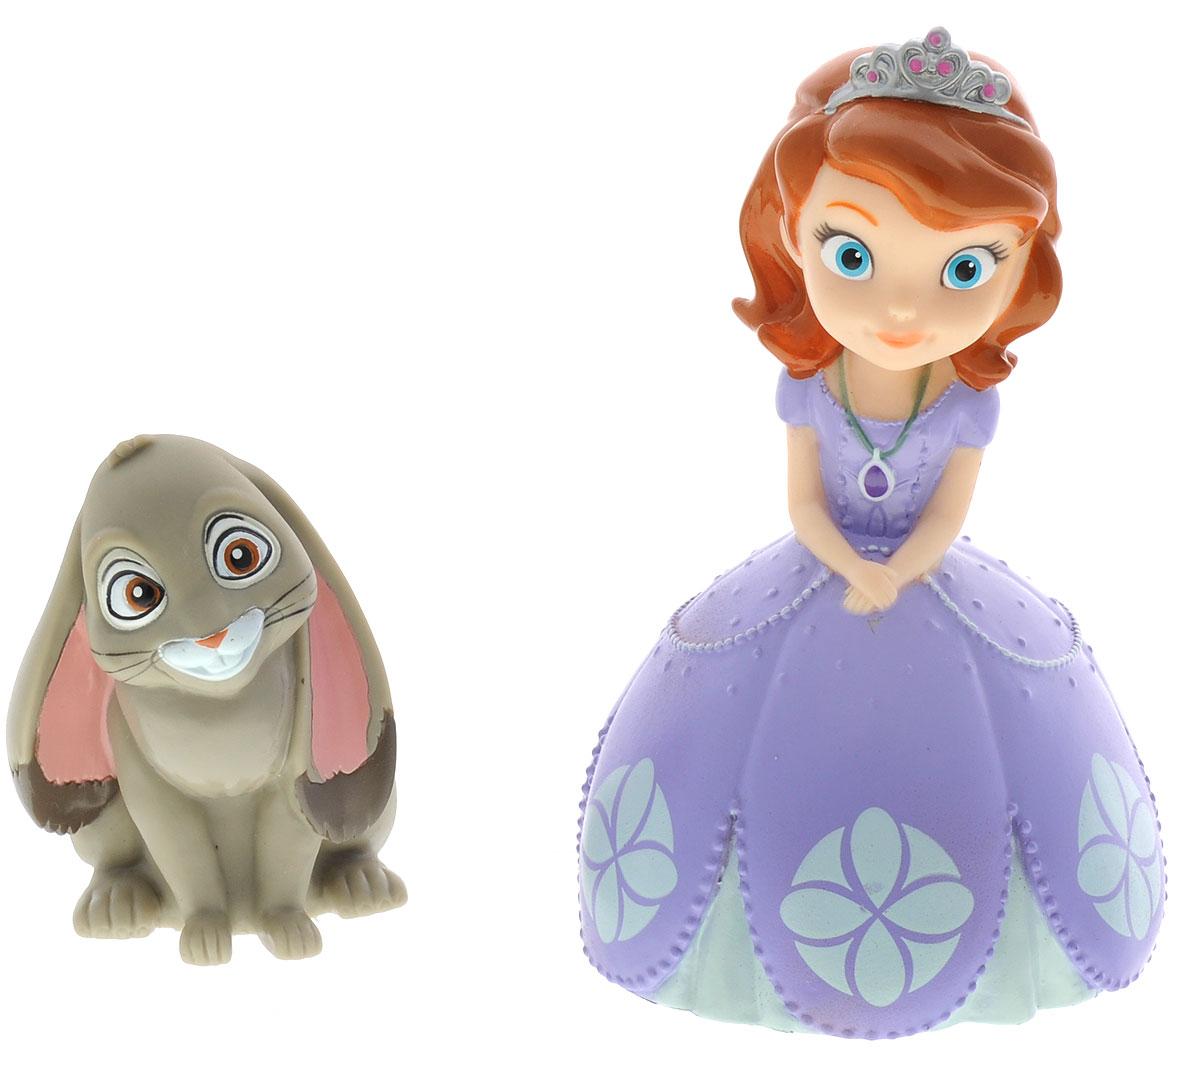 Играем вместе Набор игрушек для ванной София Прекрасная и кролик182R-PVC_кроликС набором игрушек для ванной Играем вместе София Прекрасная принимать водные процедуры станет еще веселее и приятнее. В набор входят 2 игрушки в виде принцессы Софии и ее питомца кролика. Игрушки могут брызгать водой и пищать. Набор доставит ребенку большое удовольствие и поможет преодолеть страх перед купанием. Игрушки для ванной способствуют развитию воображения, цветового восприятия, тактильных ощущений и мелкой моторики рук.